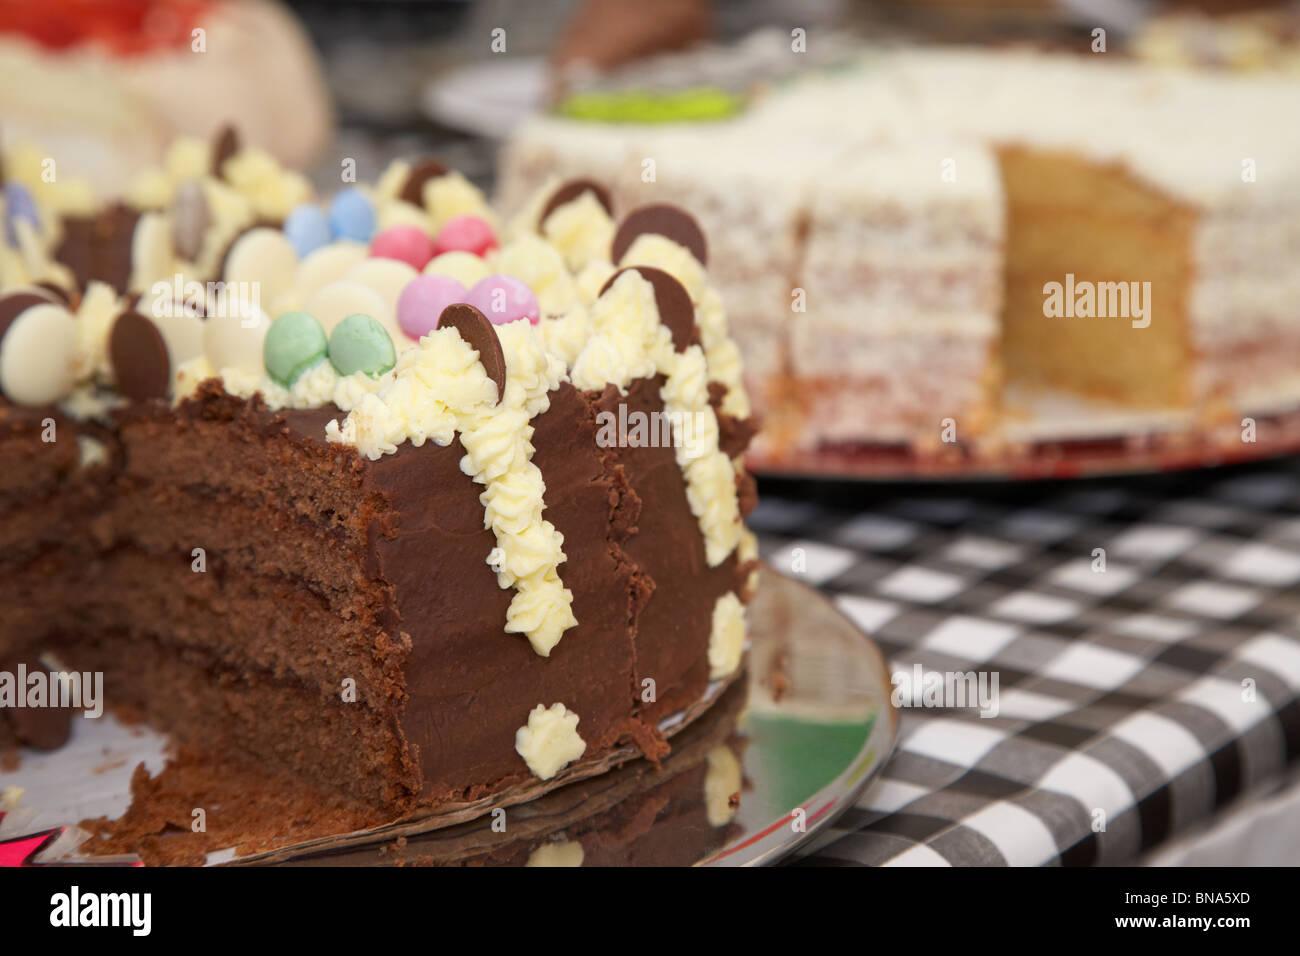 Cake market stall stockfotos cake market stall bilder for Butter kuchen dresden